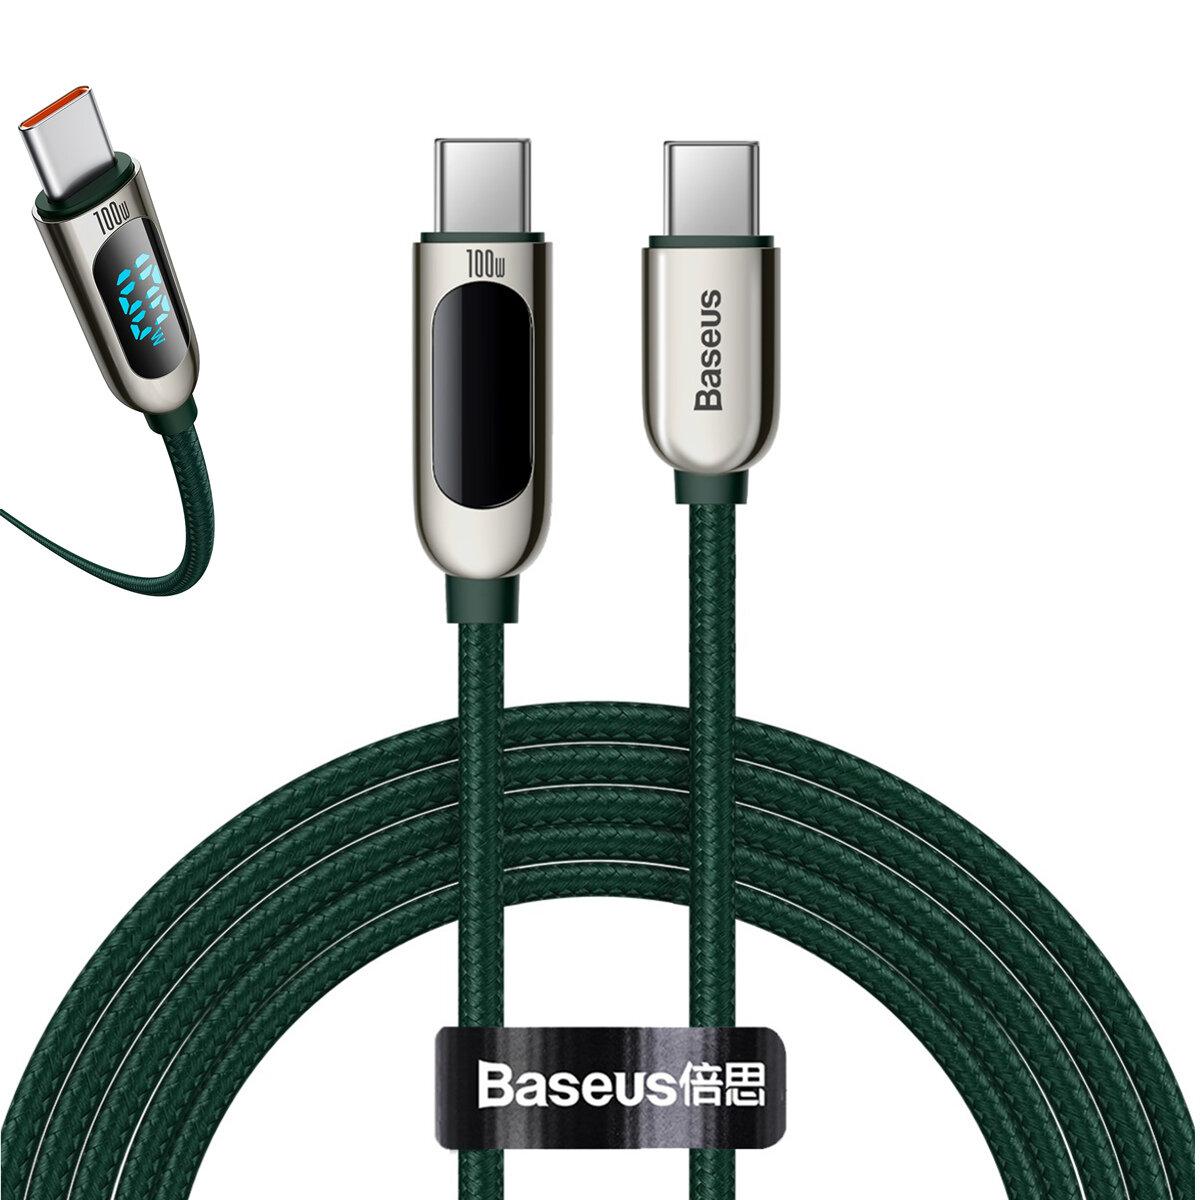 Kabel USB C do USB C Baseus 100W za $11 / ~43zł